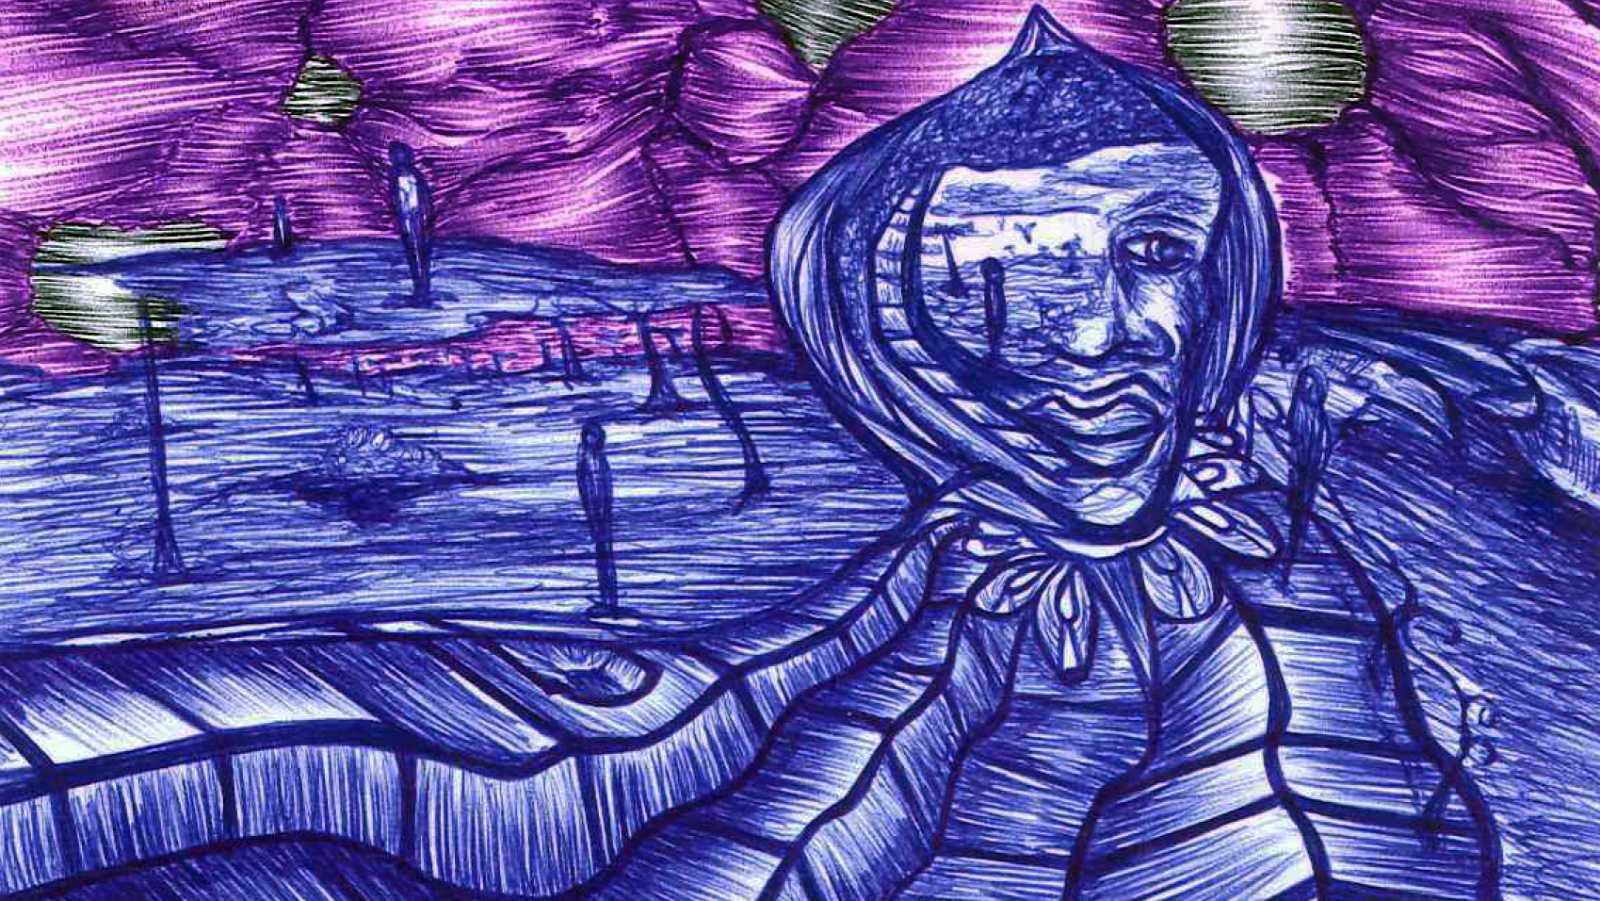 África hoy - Colectivo interracial y artístico BN - 05/10/20 - escuchar ahora